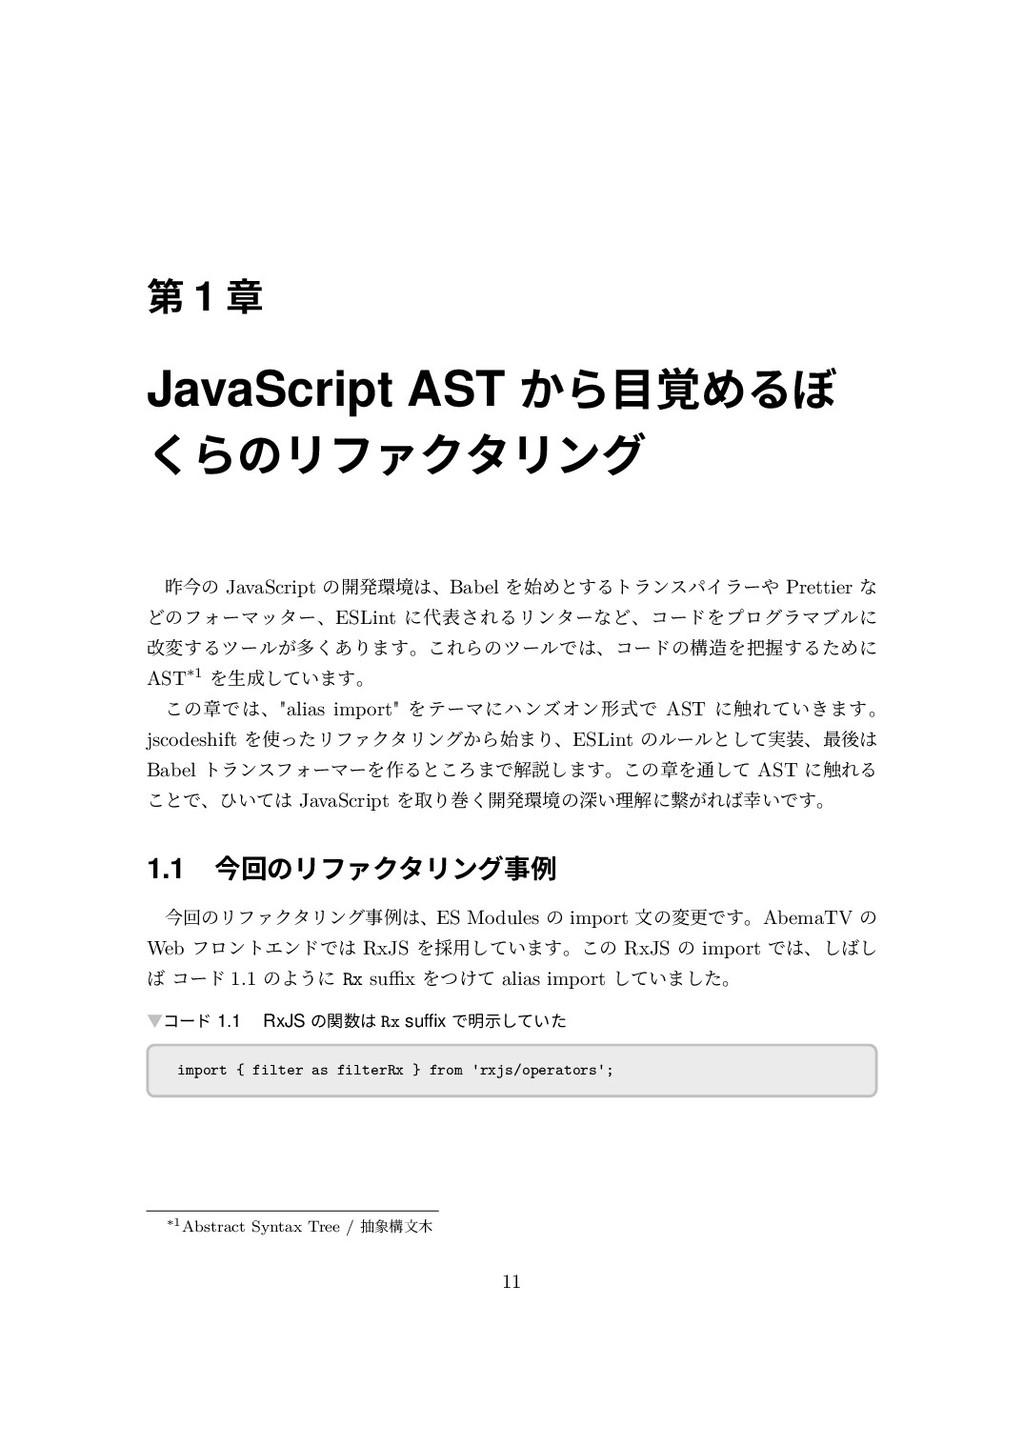 瑬 1 珕 JavaScript AST ־泘釶״ׯ ׂסٛنؒؠذٛ٤ء 儨♀ס Ja...